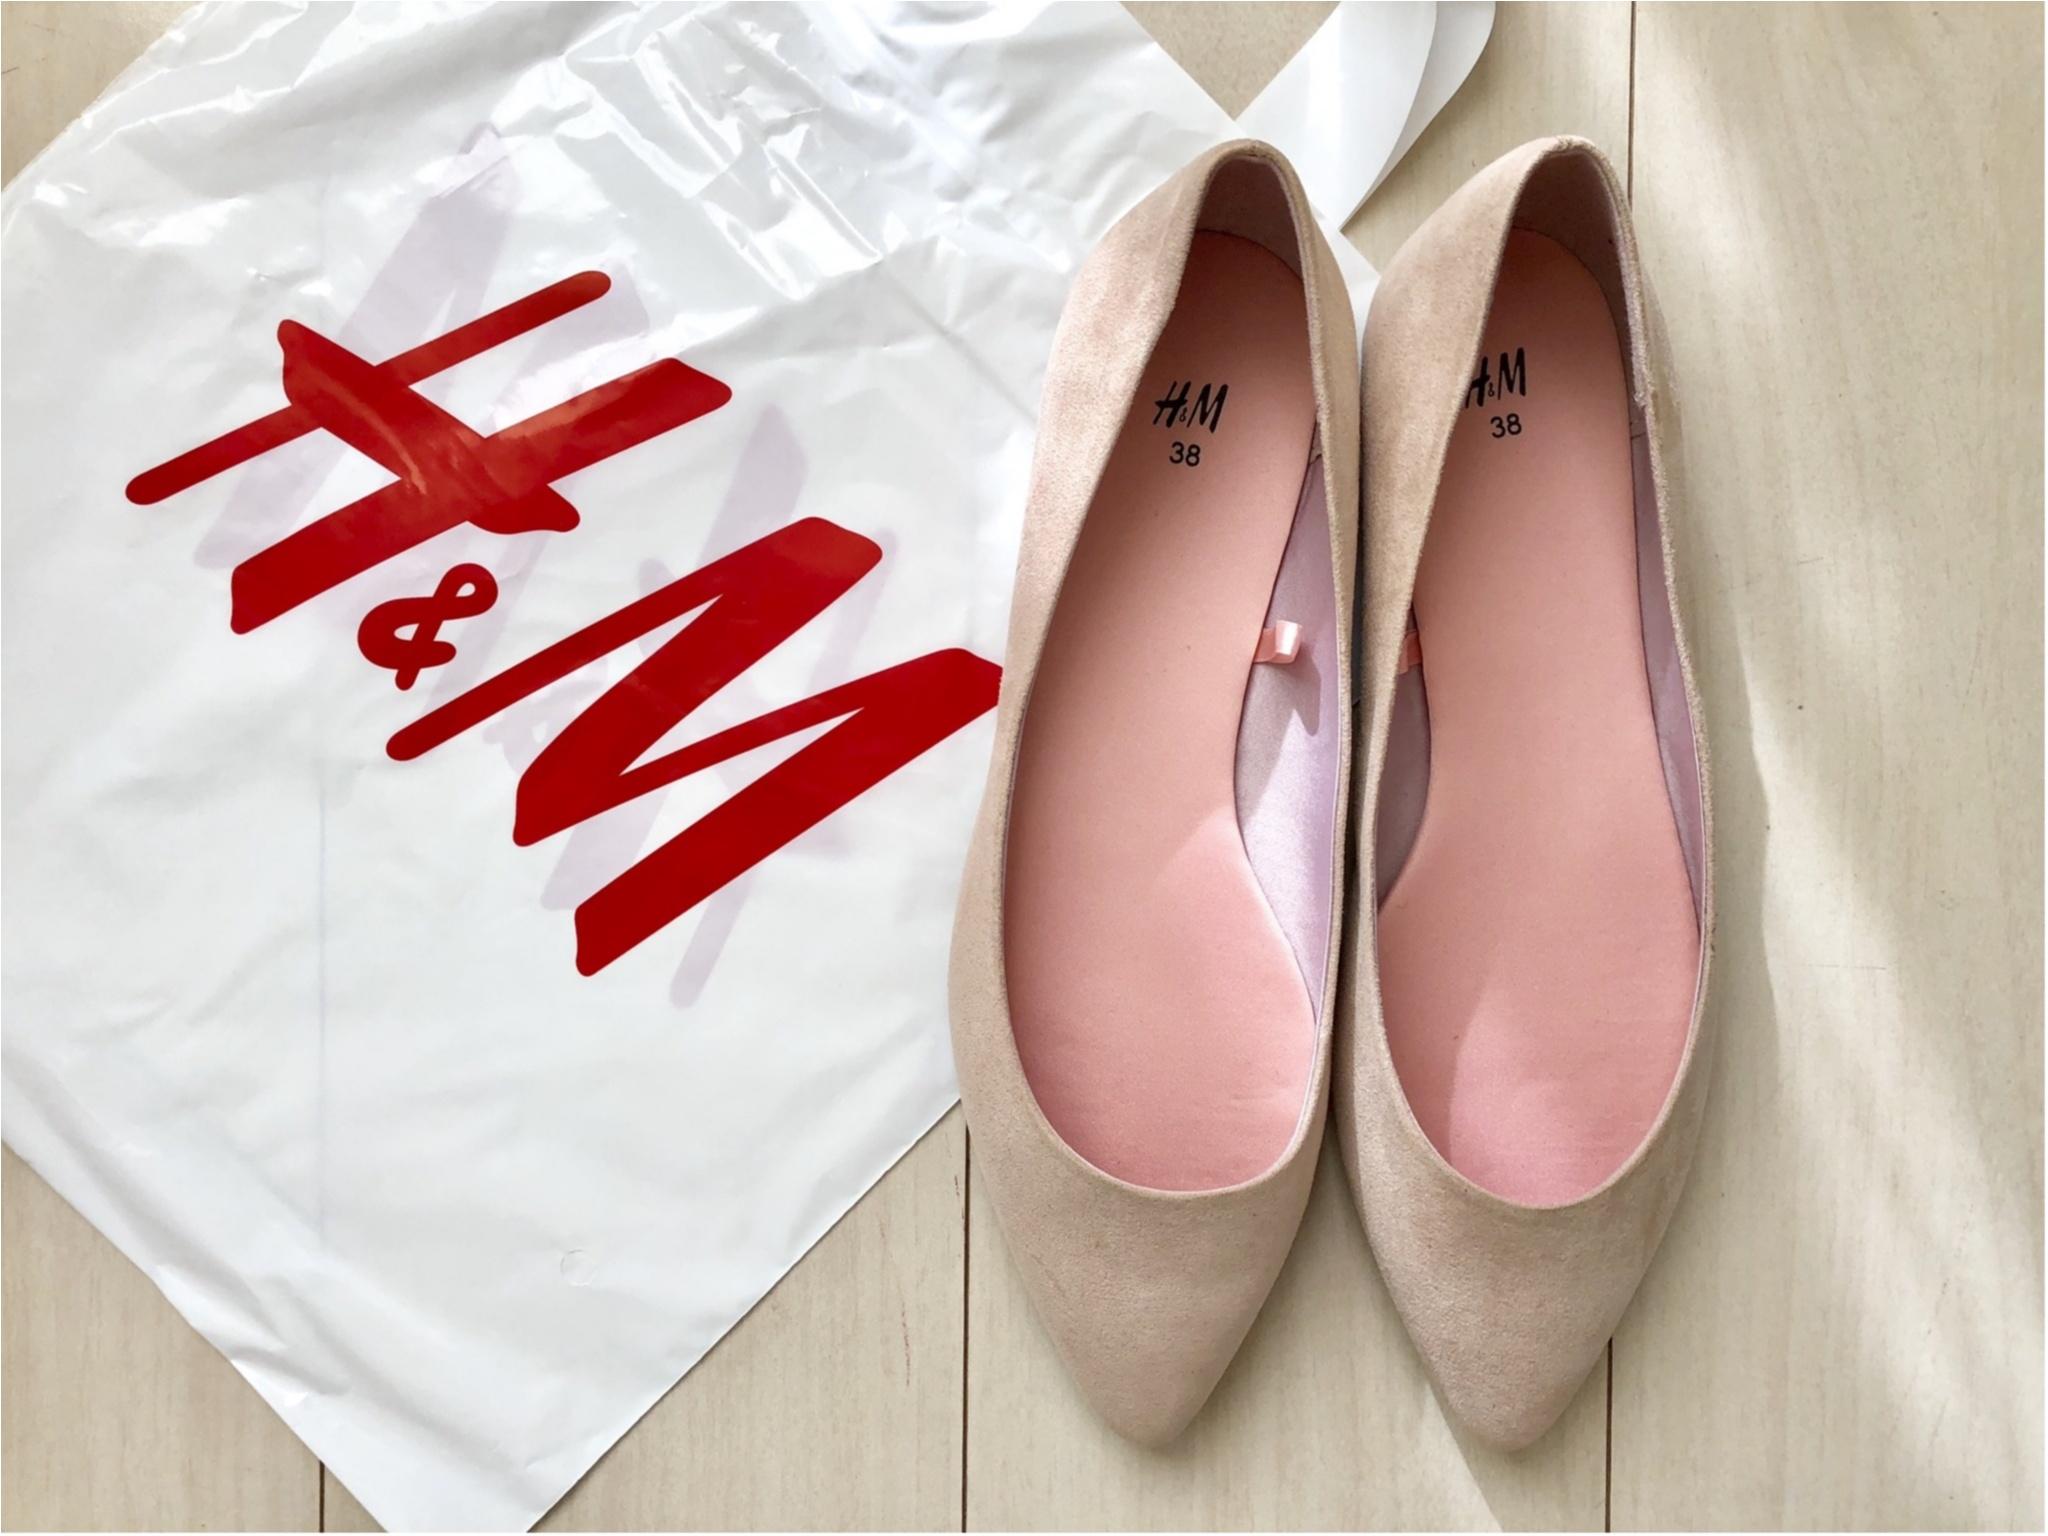 【ZARA&ユニクロ・GU】働く女子が買ったプチプラブランドのアイテムまとめ   ファッション_1_45